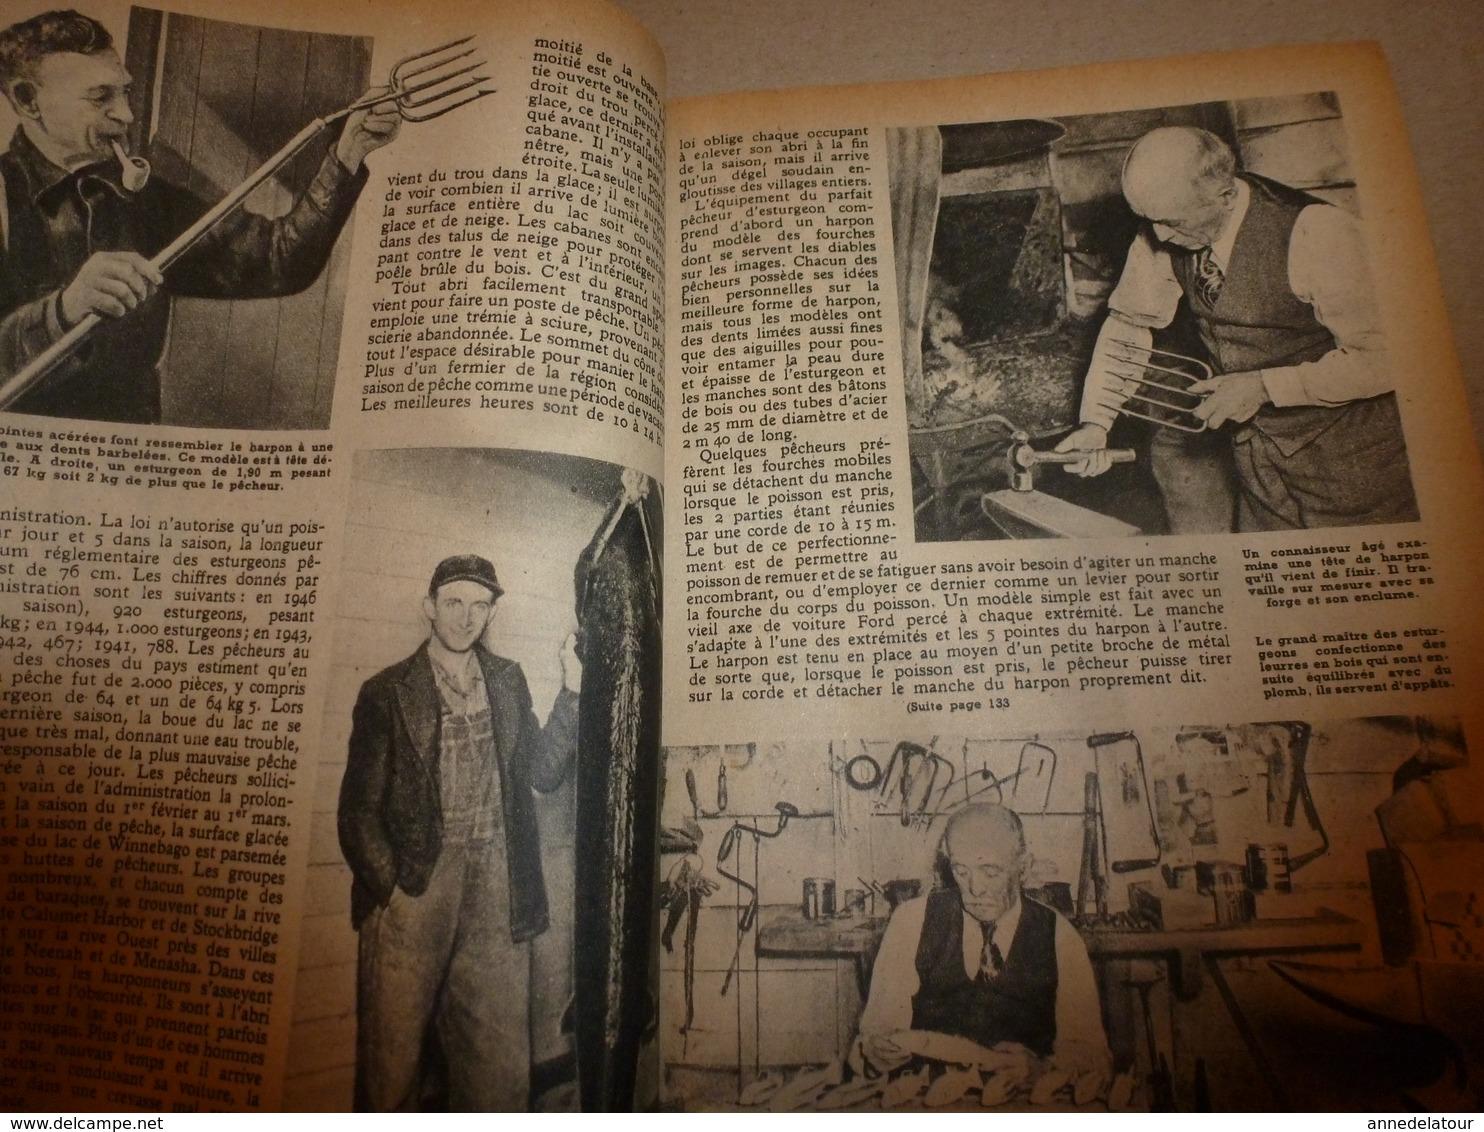 1948 MÉCANIQUE POPULAIRE: Patinage Sur Glace; Etude Des Avalanches; Faire Un Berceau Hollandais;etc - Technical